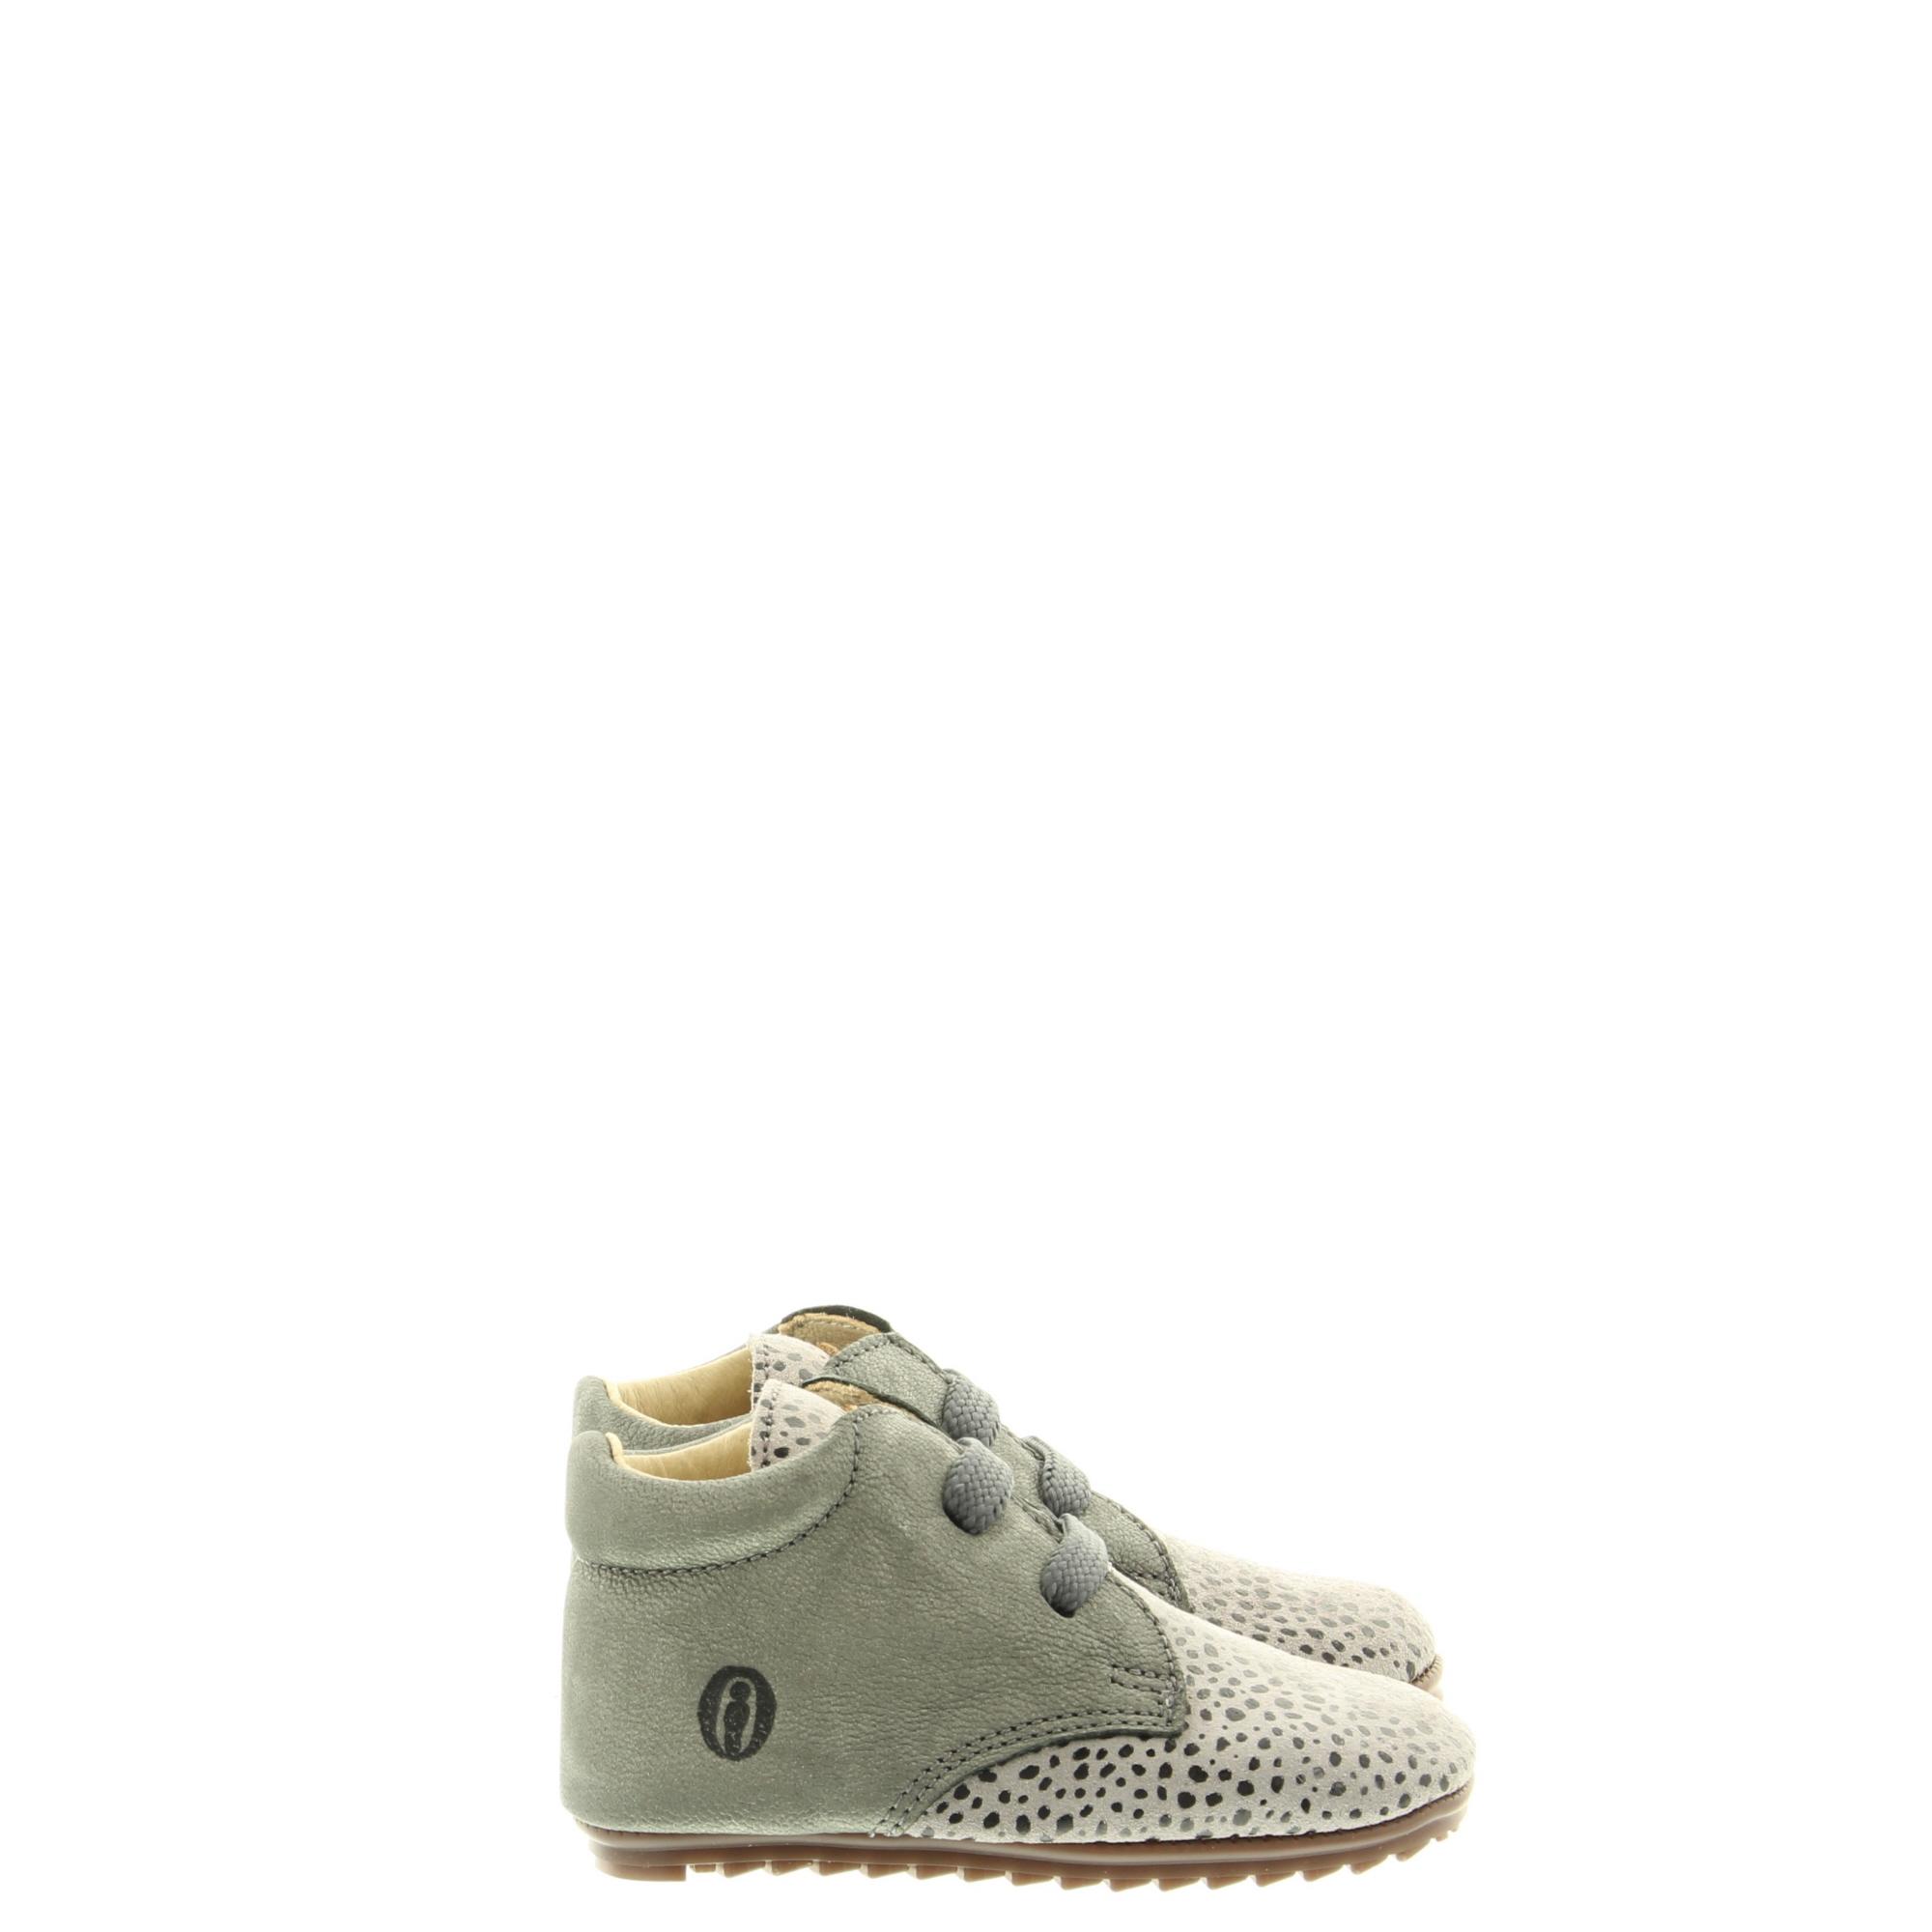 ShoesMe BP21W027-A Old Silver Grey